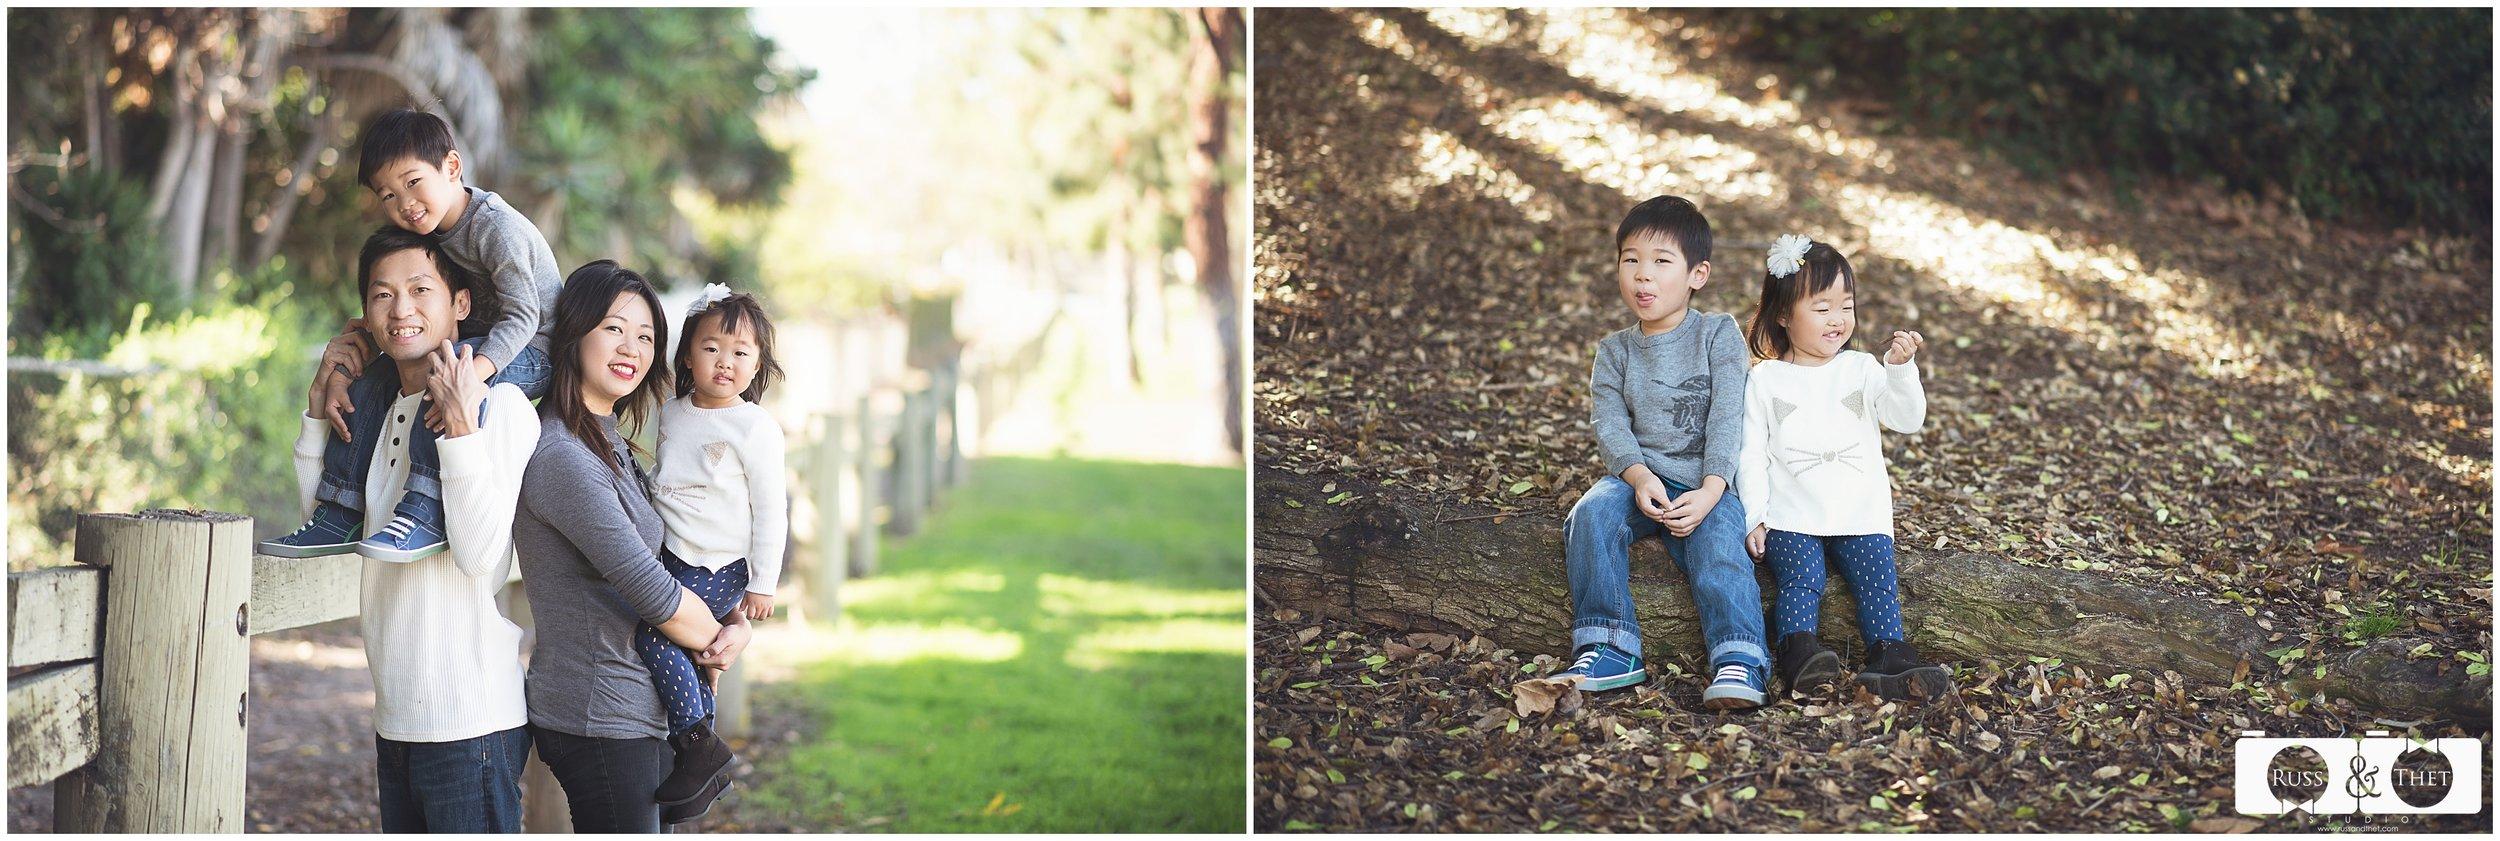 la-mirada-creek-park-portraits (6).jpg